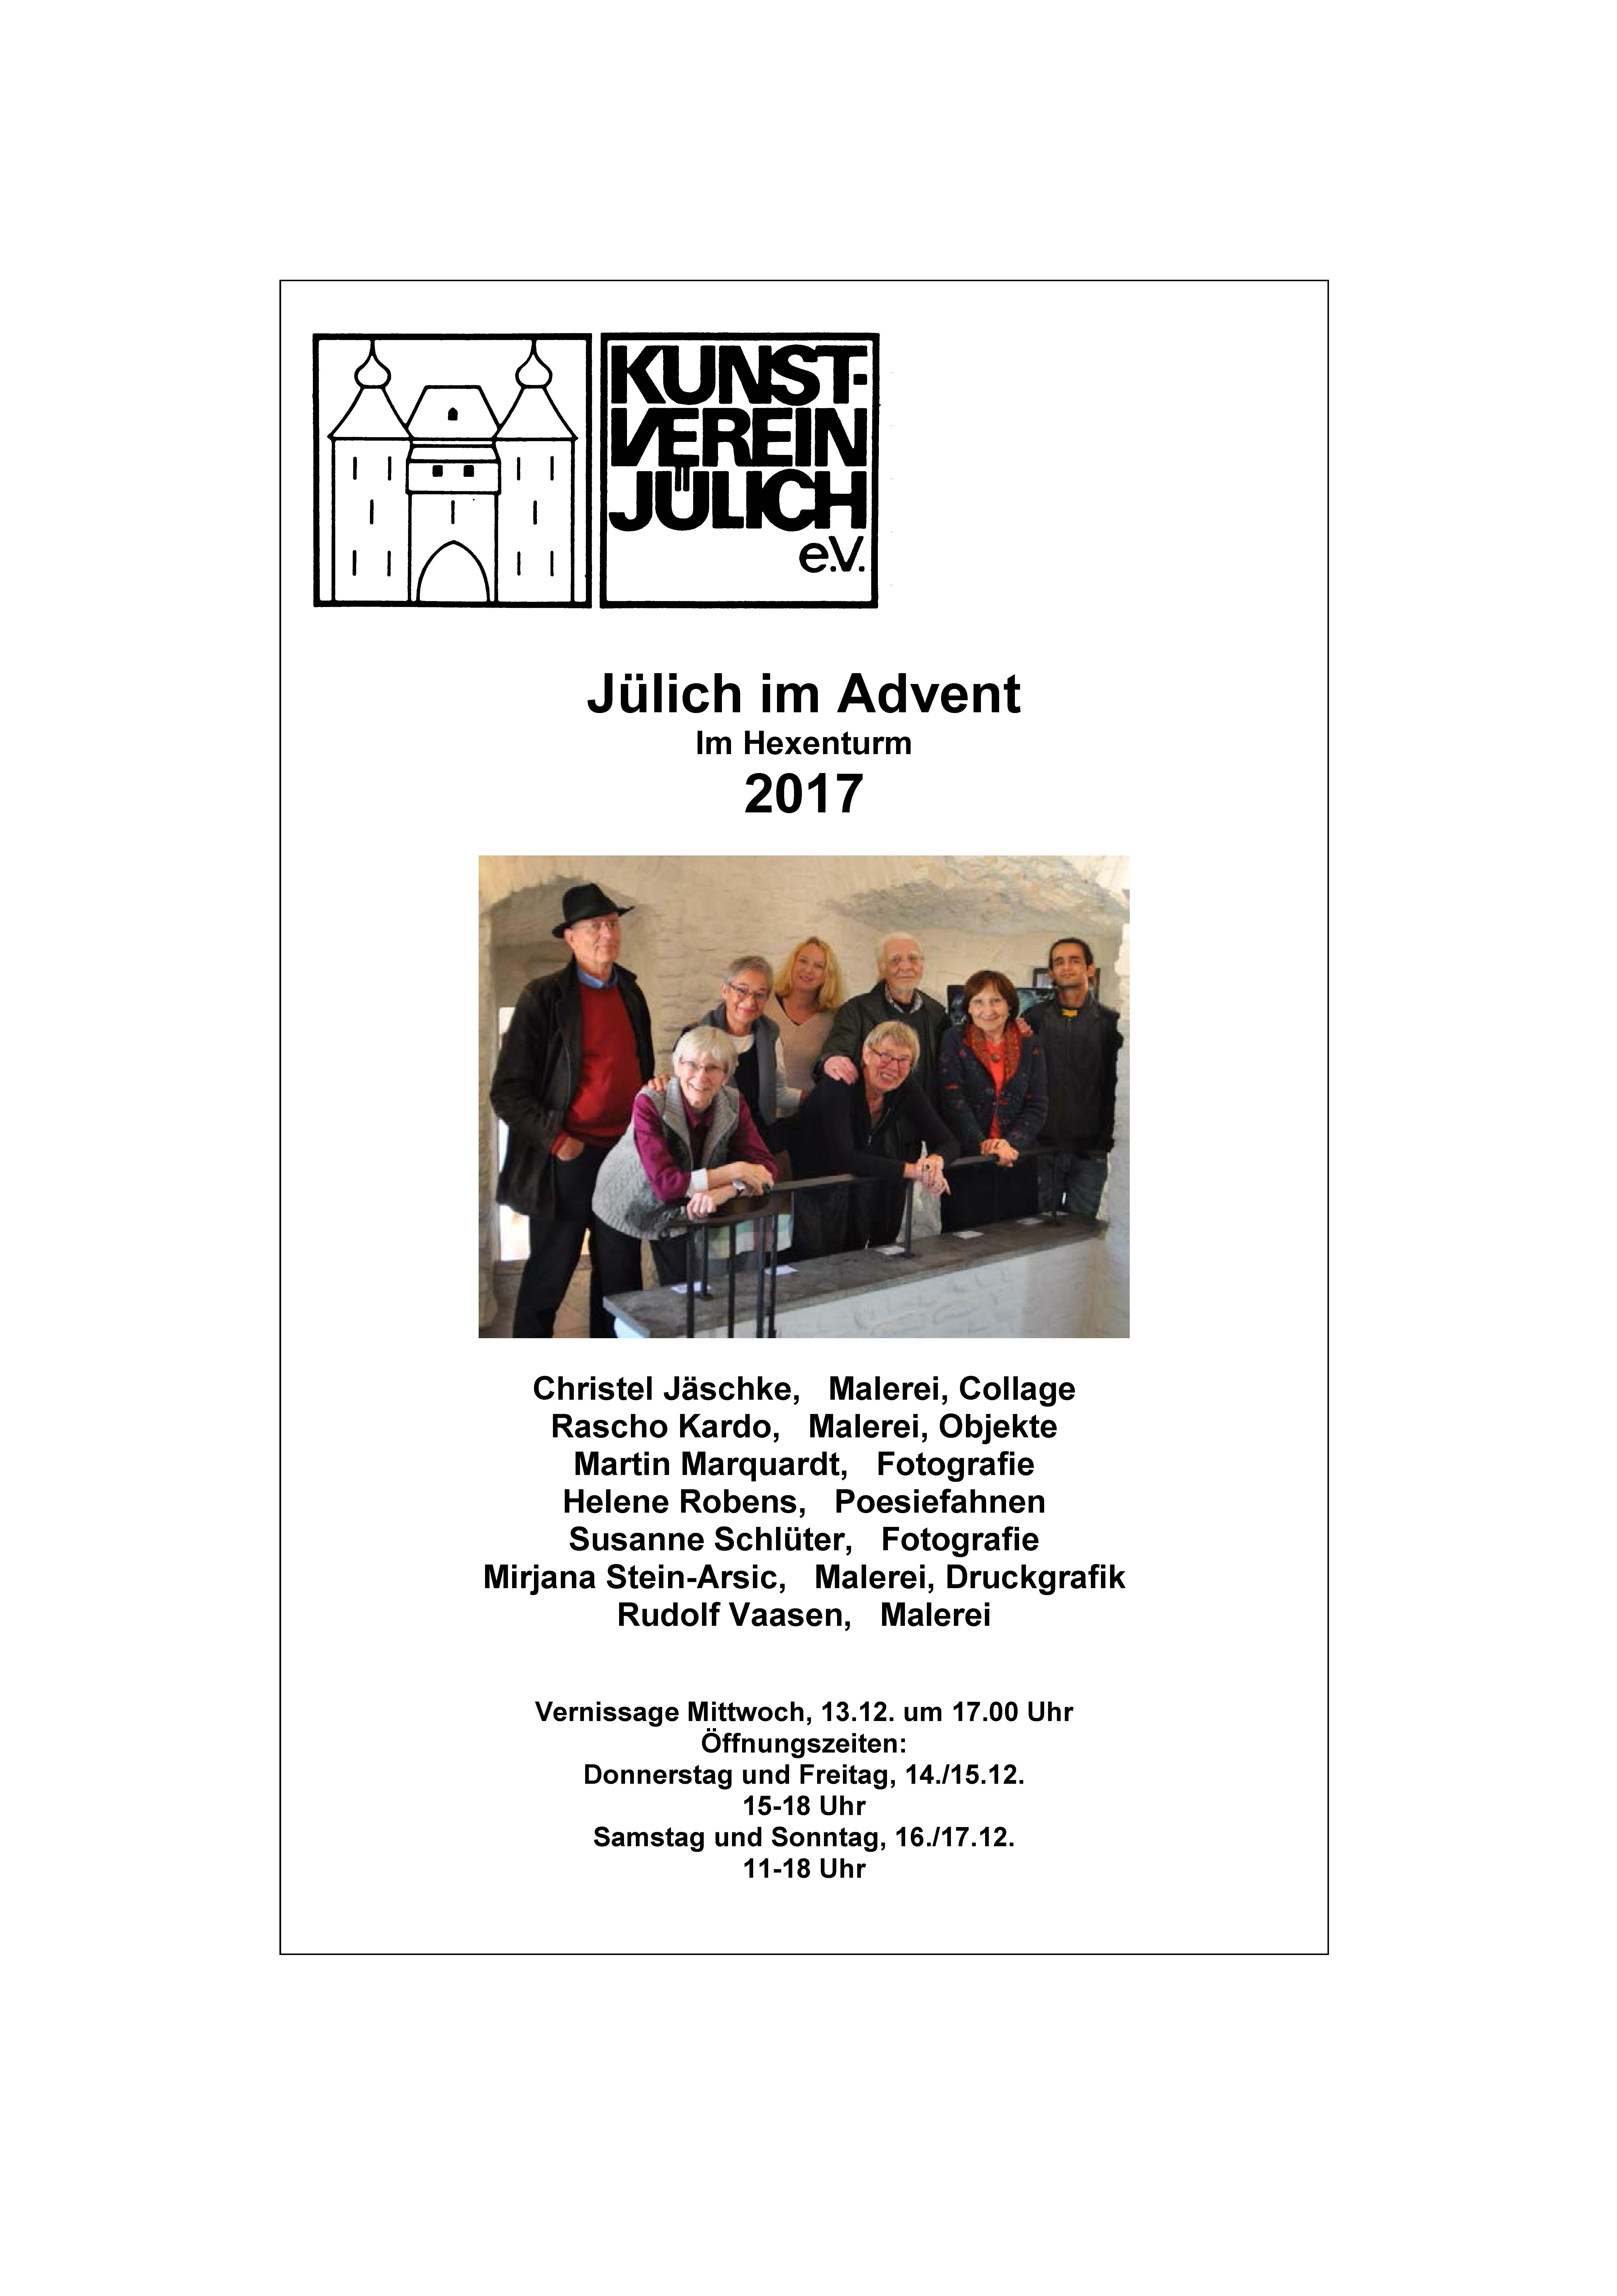 Jülich_im_Advent_Einladung